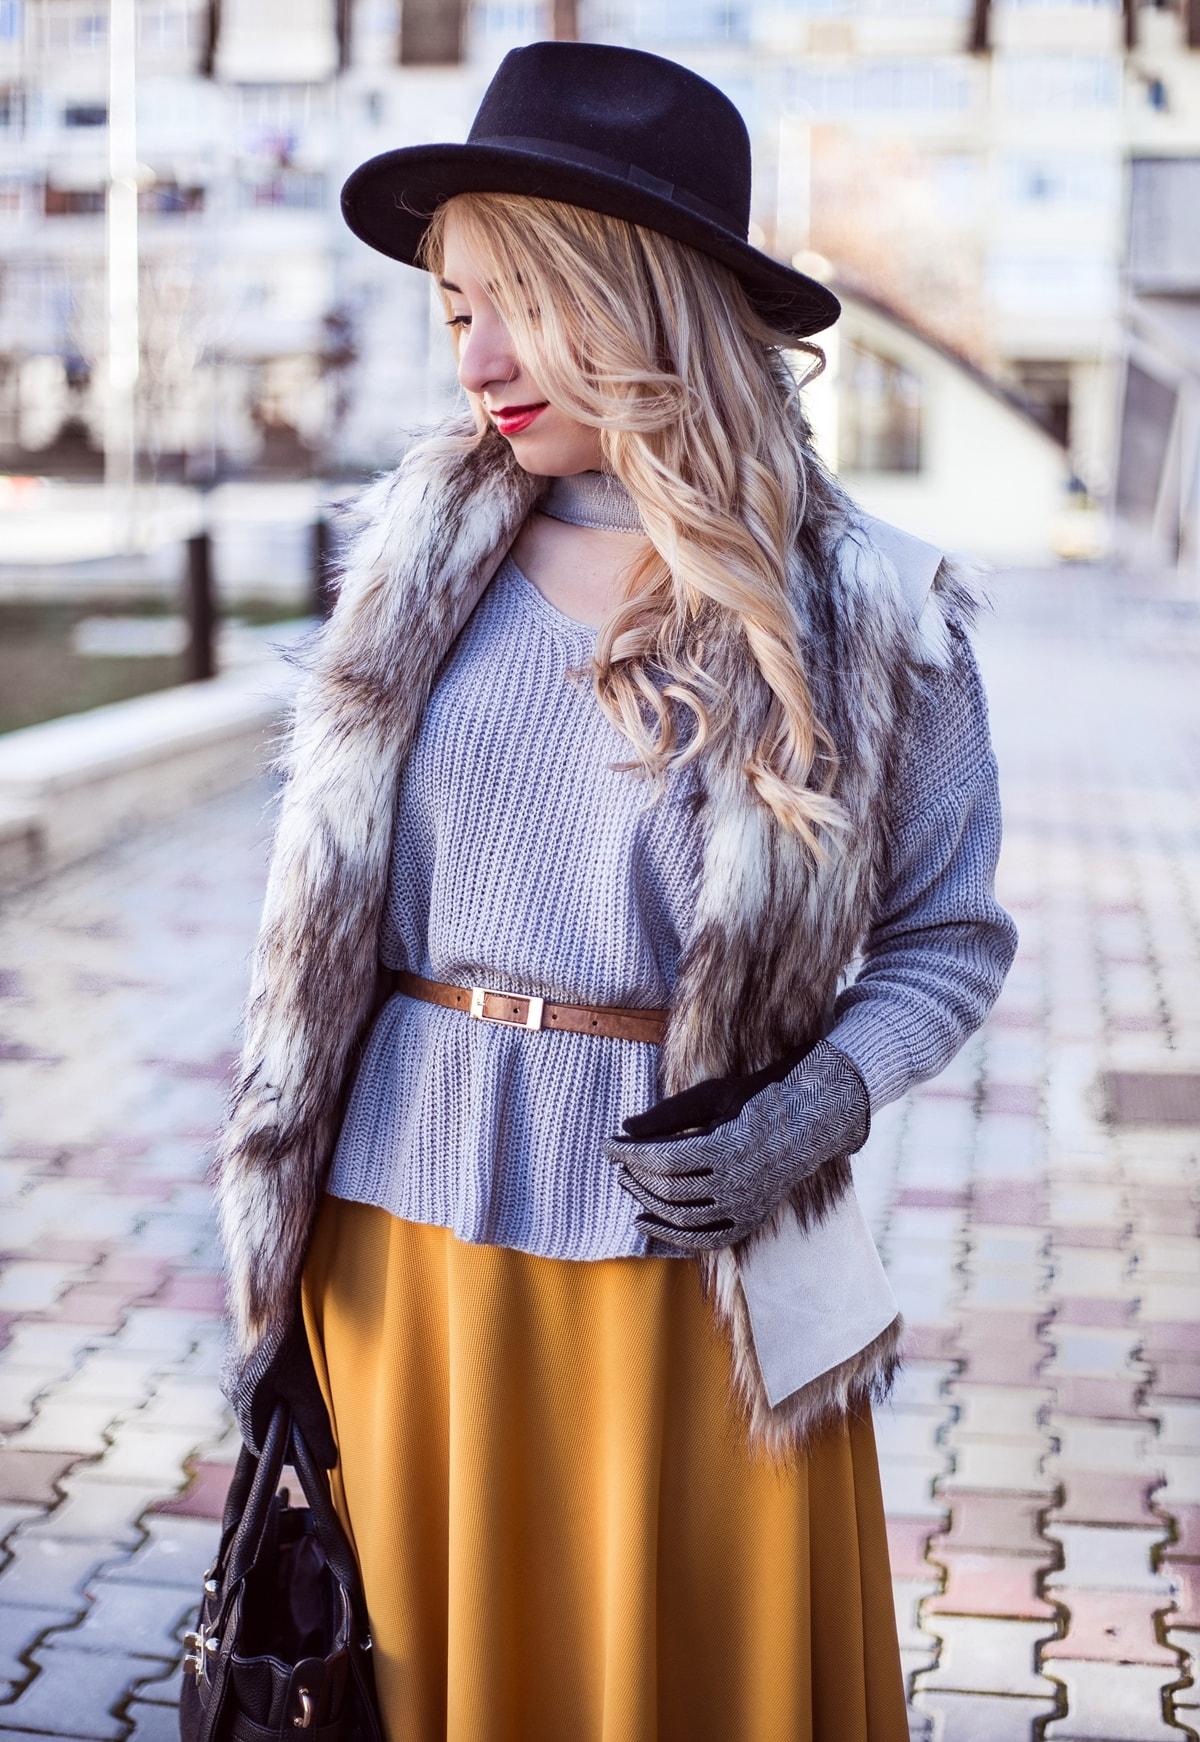 Vesta de blana, Zara, Pulover tip choker, gri, pulover curea maro talie, tinuta de iarna, andreea ristea